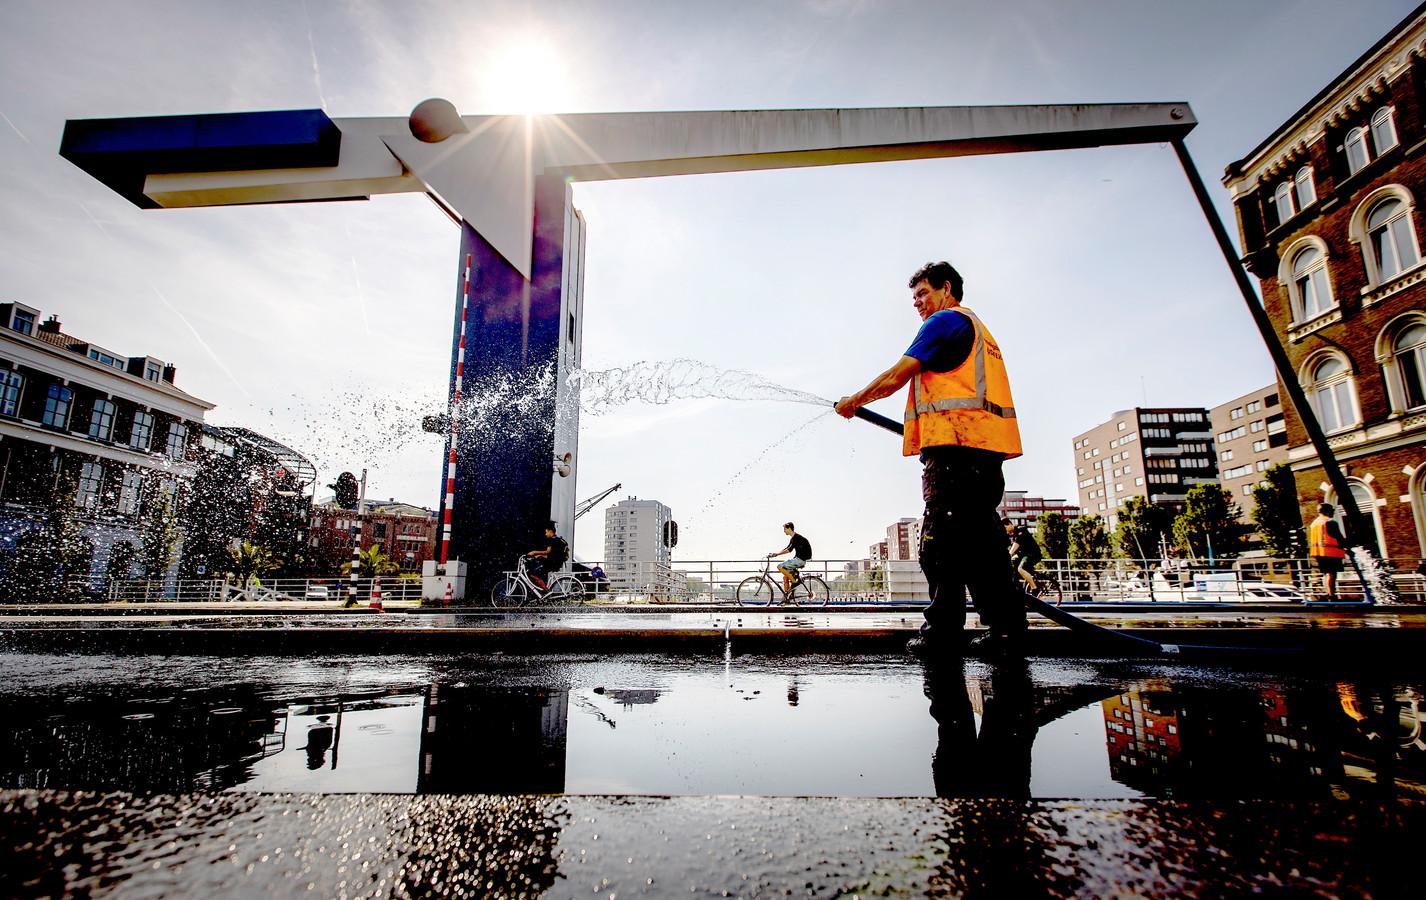 Medewerkers van de Gemeente Rotterdam houden de Binnenhavenbrug nat om storingen vanwege de hoge temperatuur te voorkomen.